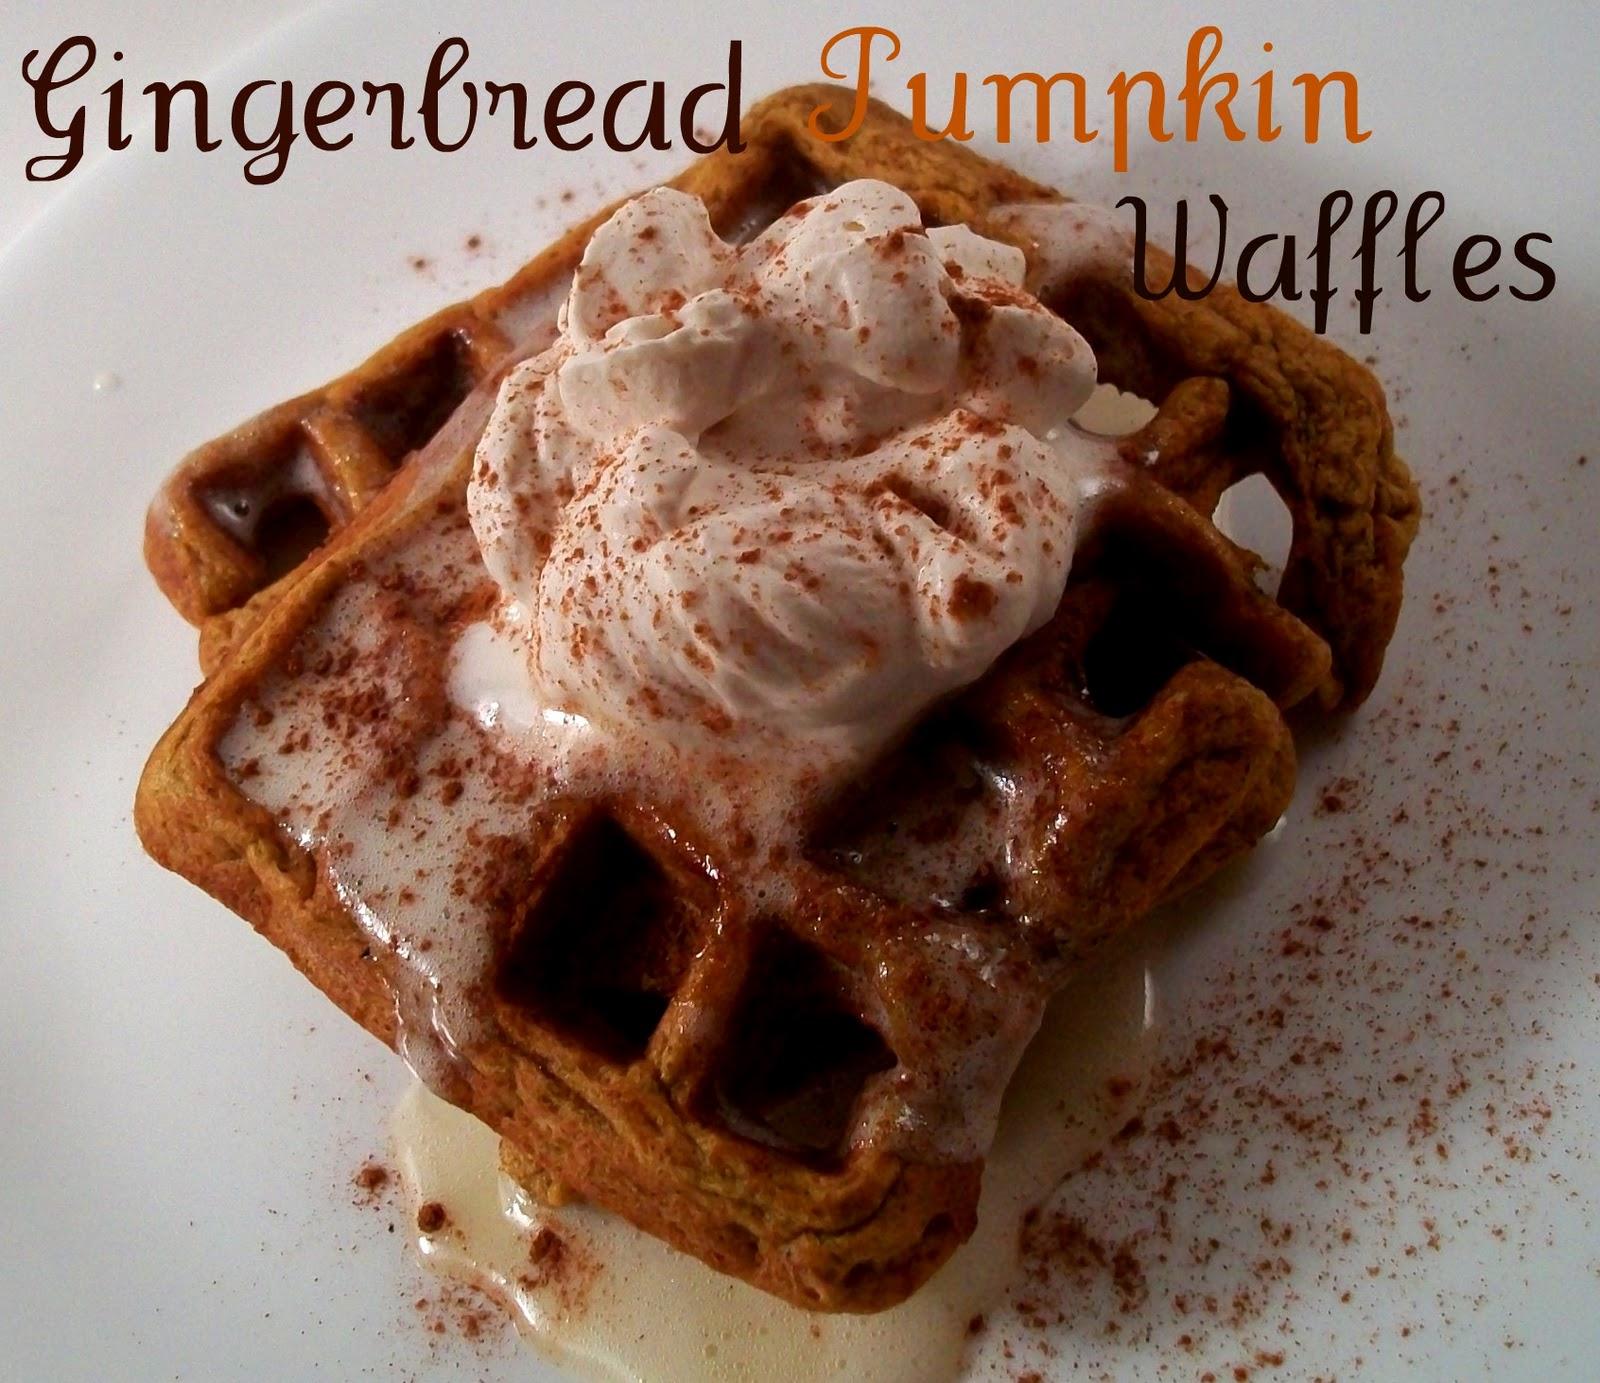 https://i2.wp.com/4.bp.blogspot.com/_lpt2kTYCqUQ/TP2v-sdRPuI/AAAAAAAADgg/CdZIdt2eCbs/s1600/Gingerbread+Pumpkin+Waffles.jpg?resize=616%2C533